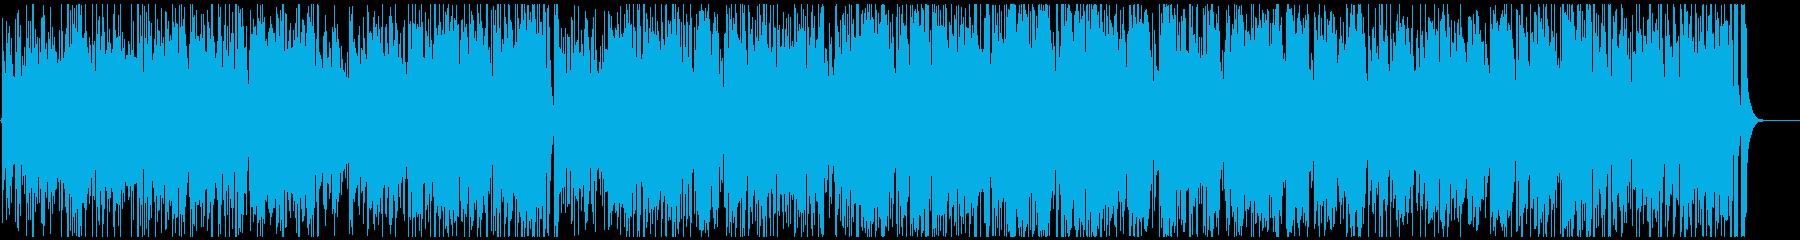 トロピカルなラテンジャズ バリトンverの再生済みの波形